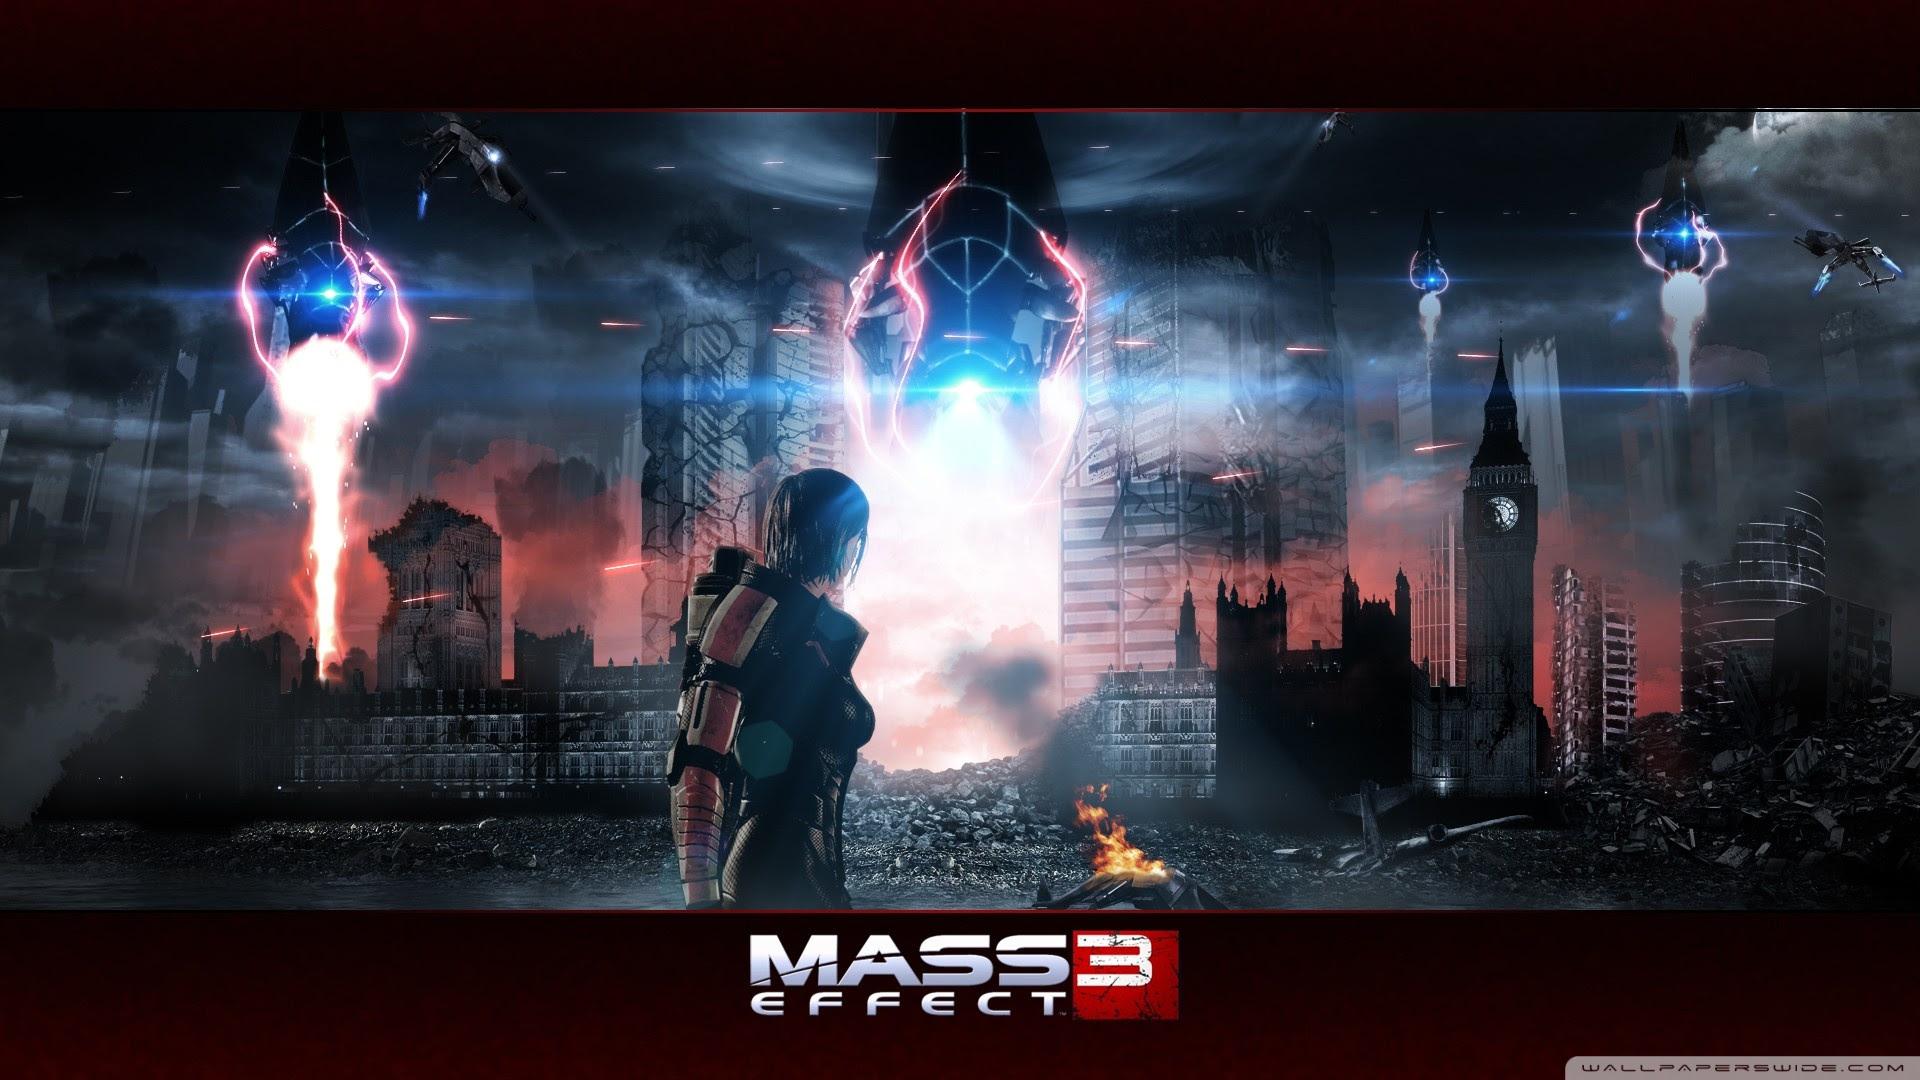 Mass Effect 3 Ultra Hd Desktop Background Wallpaper For 4k Uhd Tv